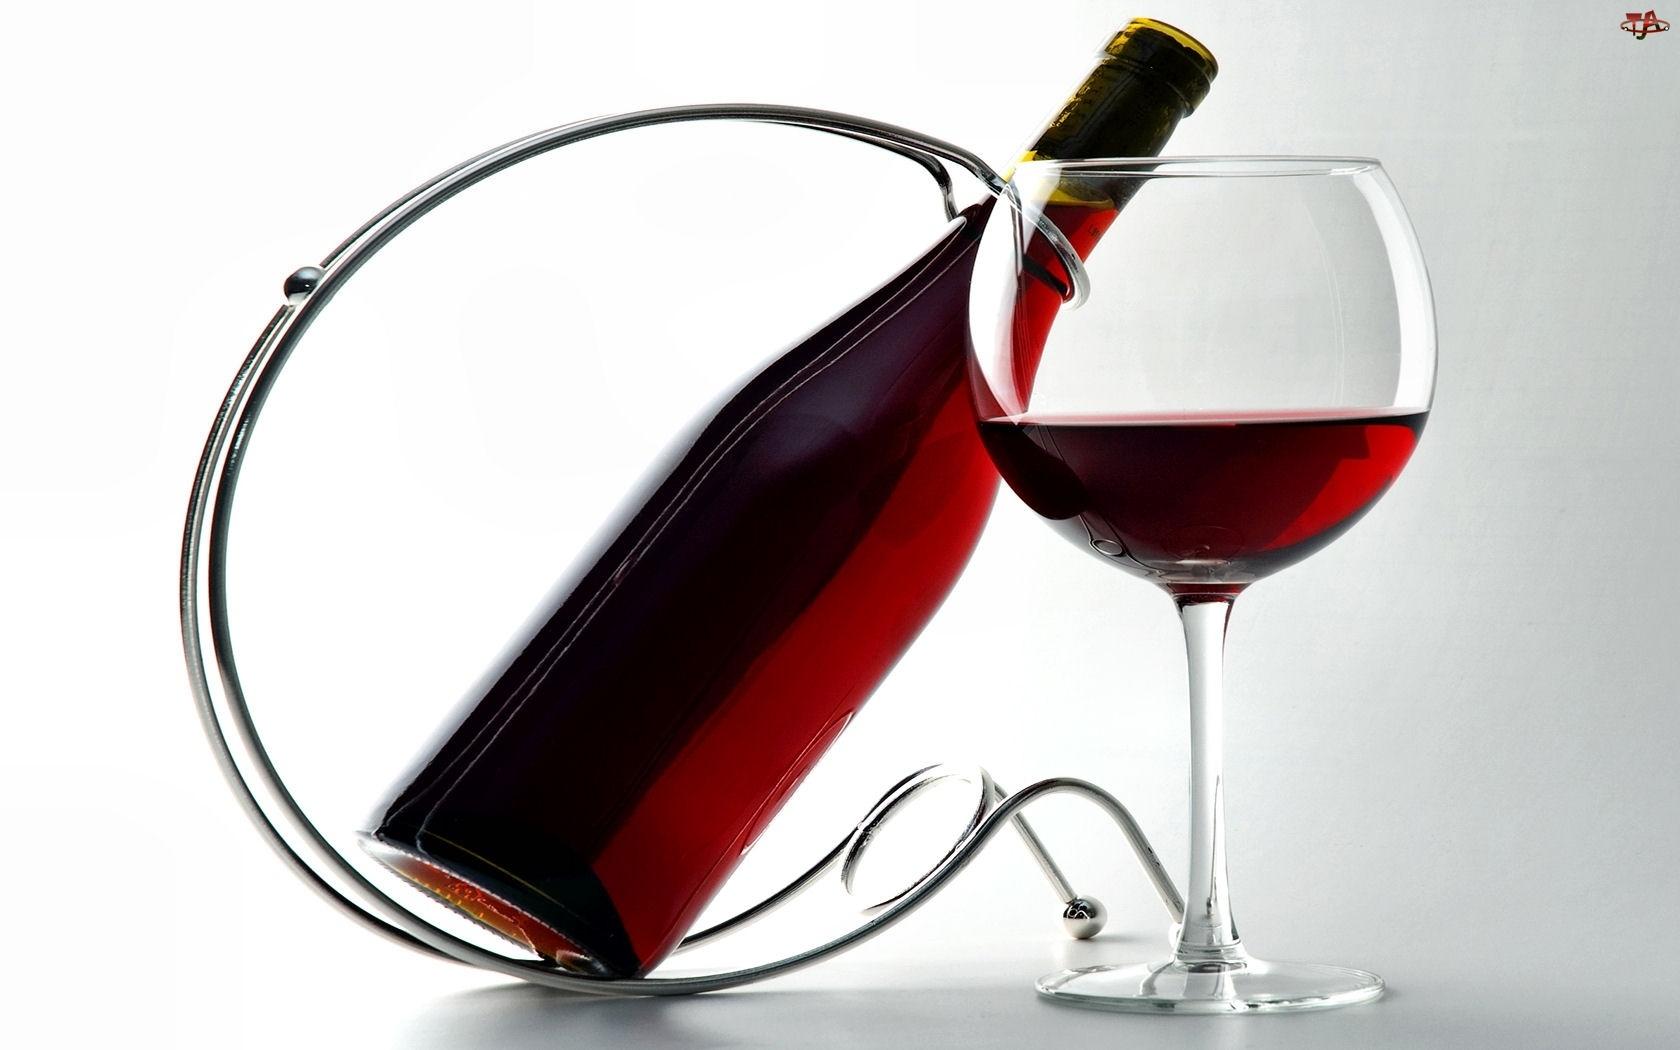 Kieliszek, Czerwone, Wino